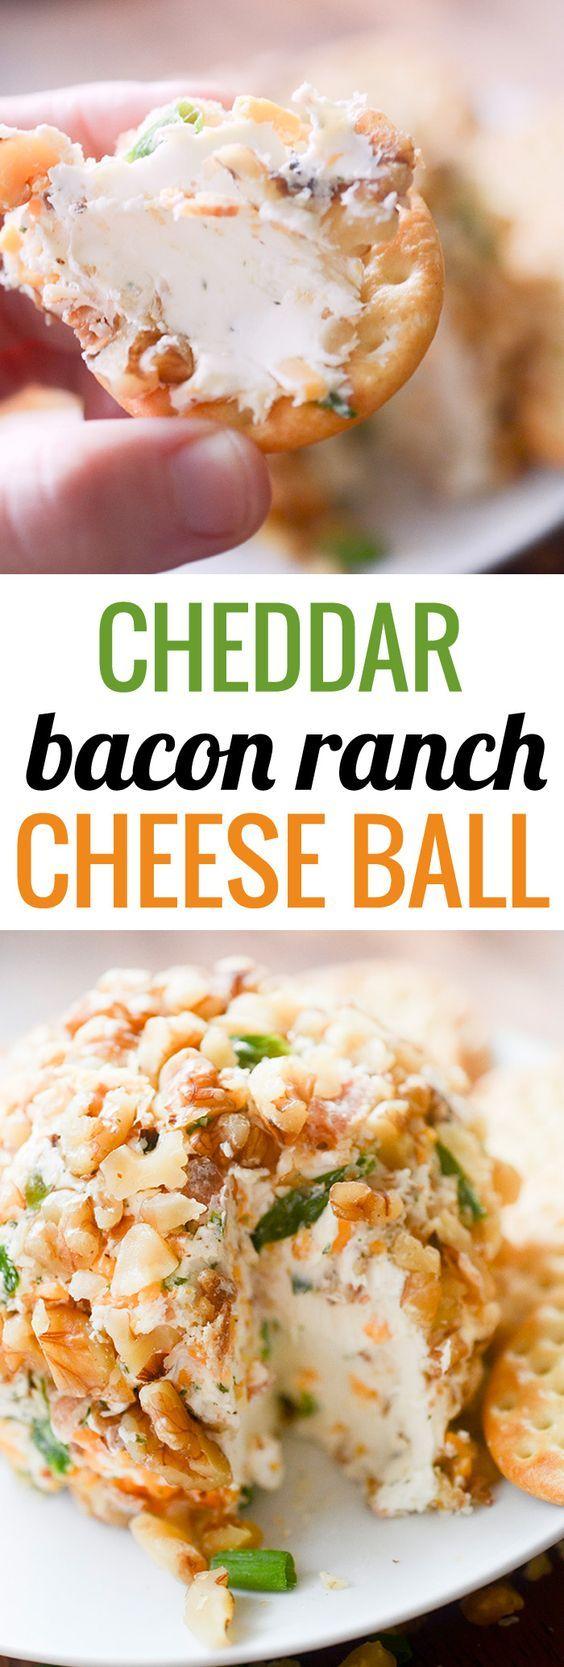 Cheddar Bacon Ranch Cheese Ball: